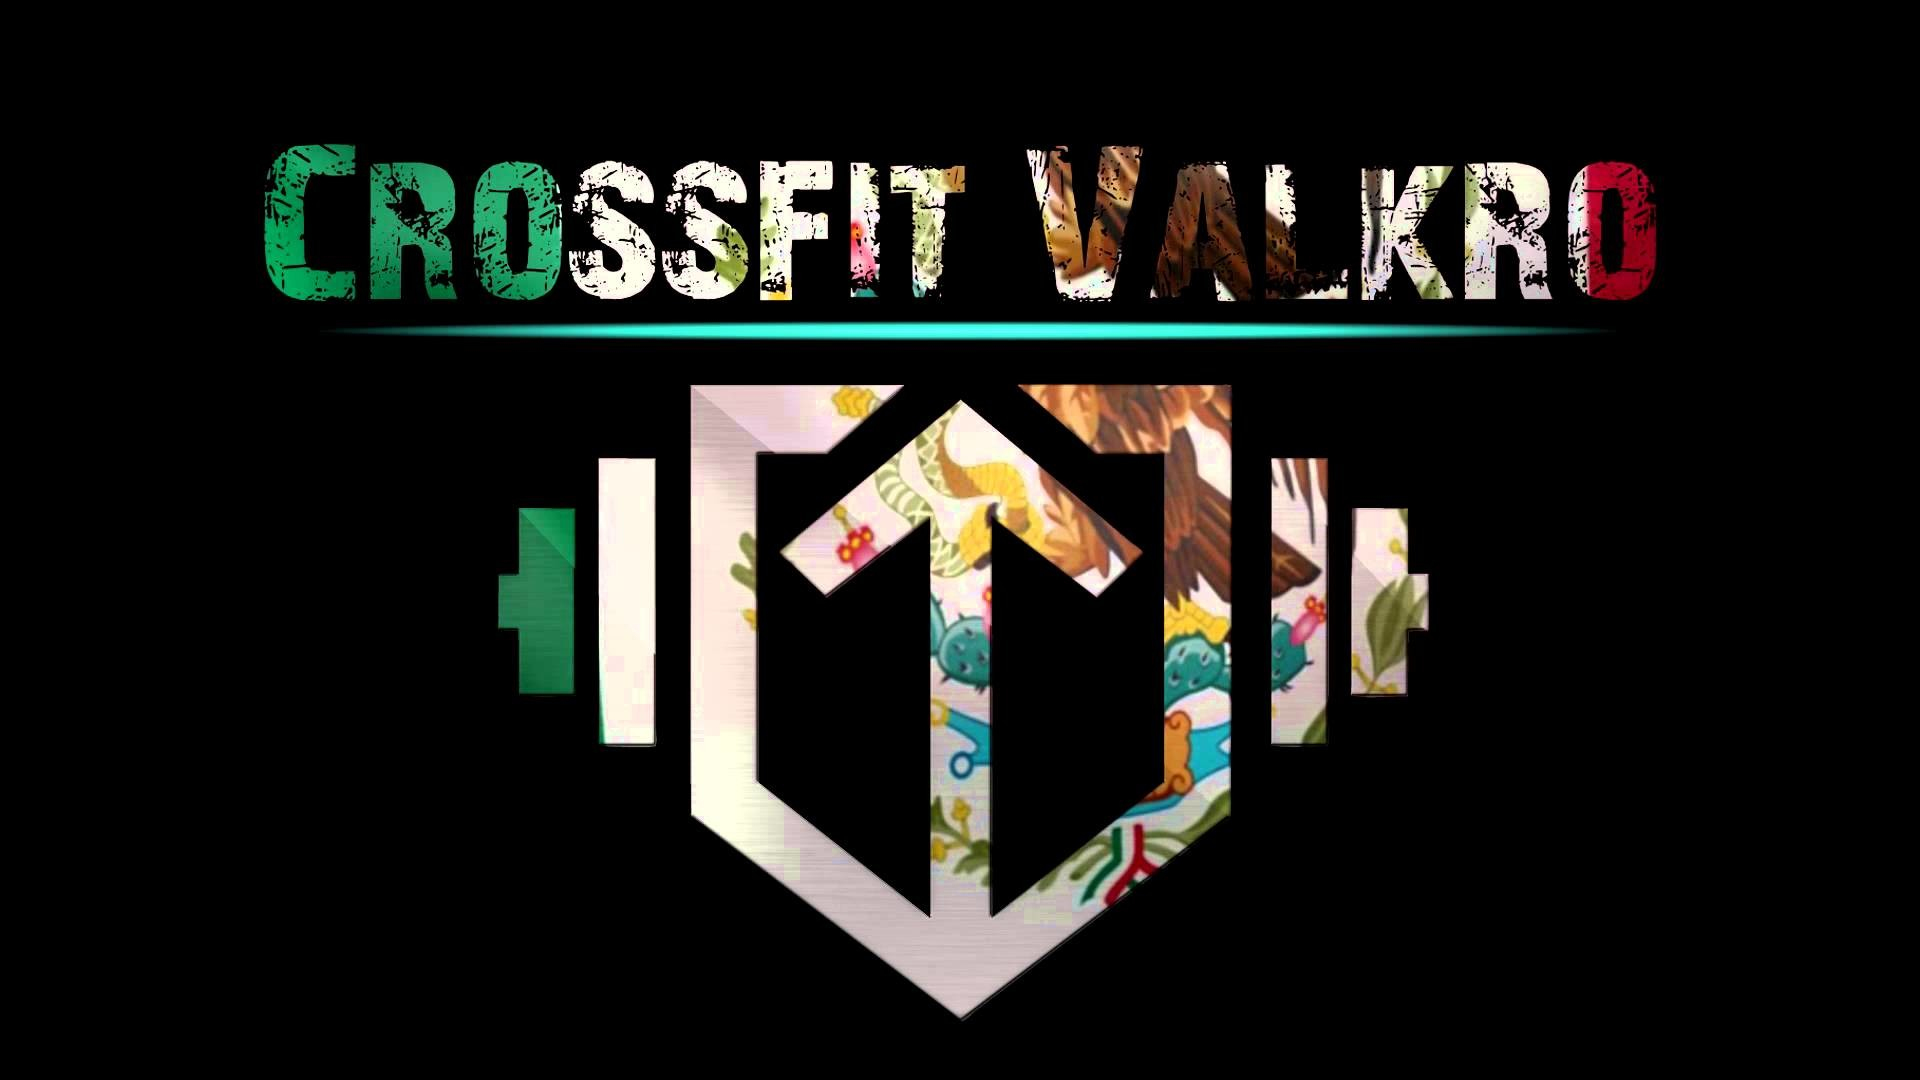 crossfit valkro logo mexico